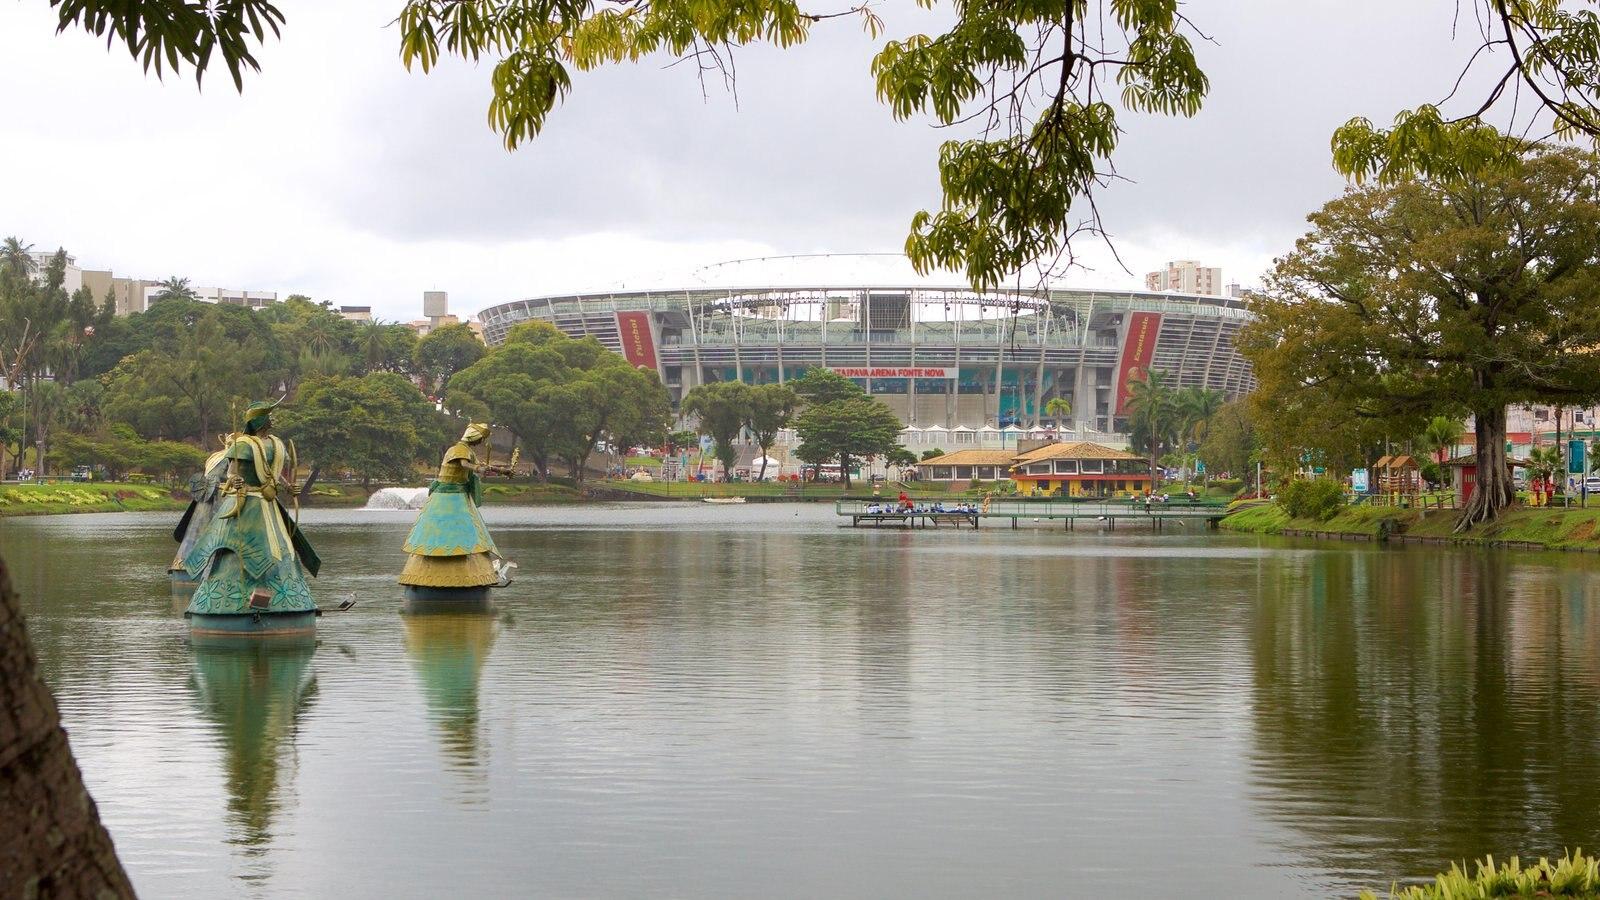 Estádio Fonte Nova que inclui um jardim, um lago ou charco e uma estátua ou escultura